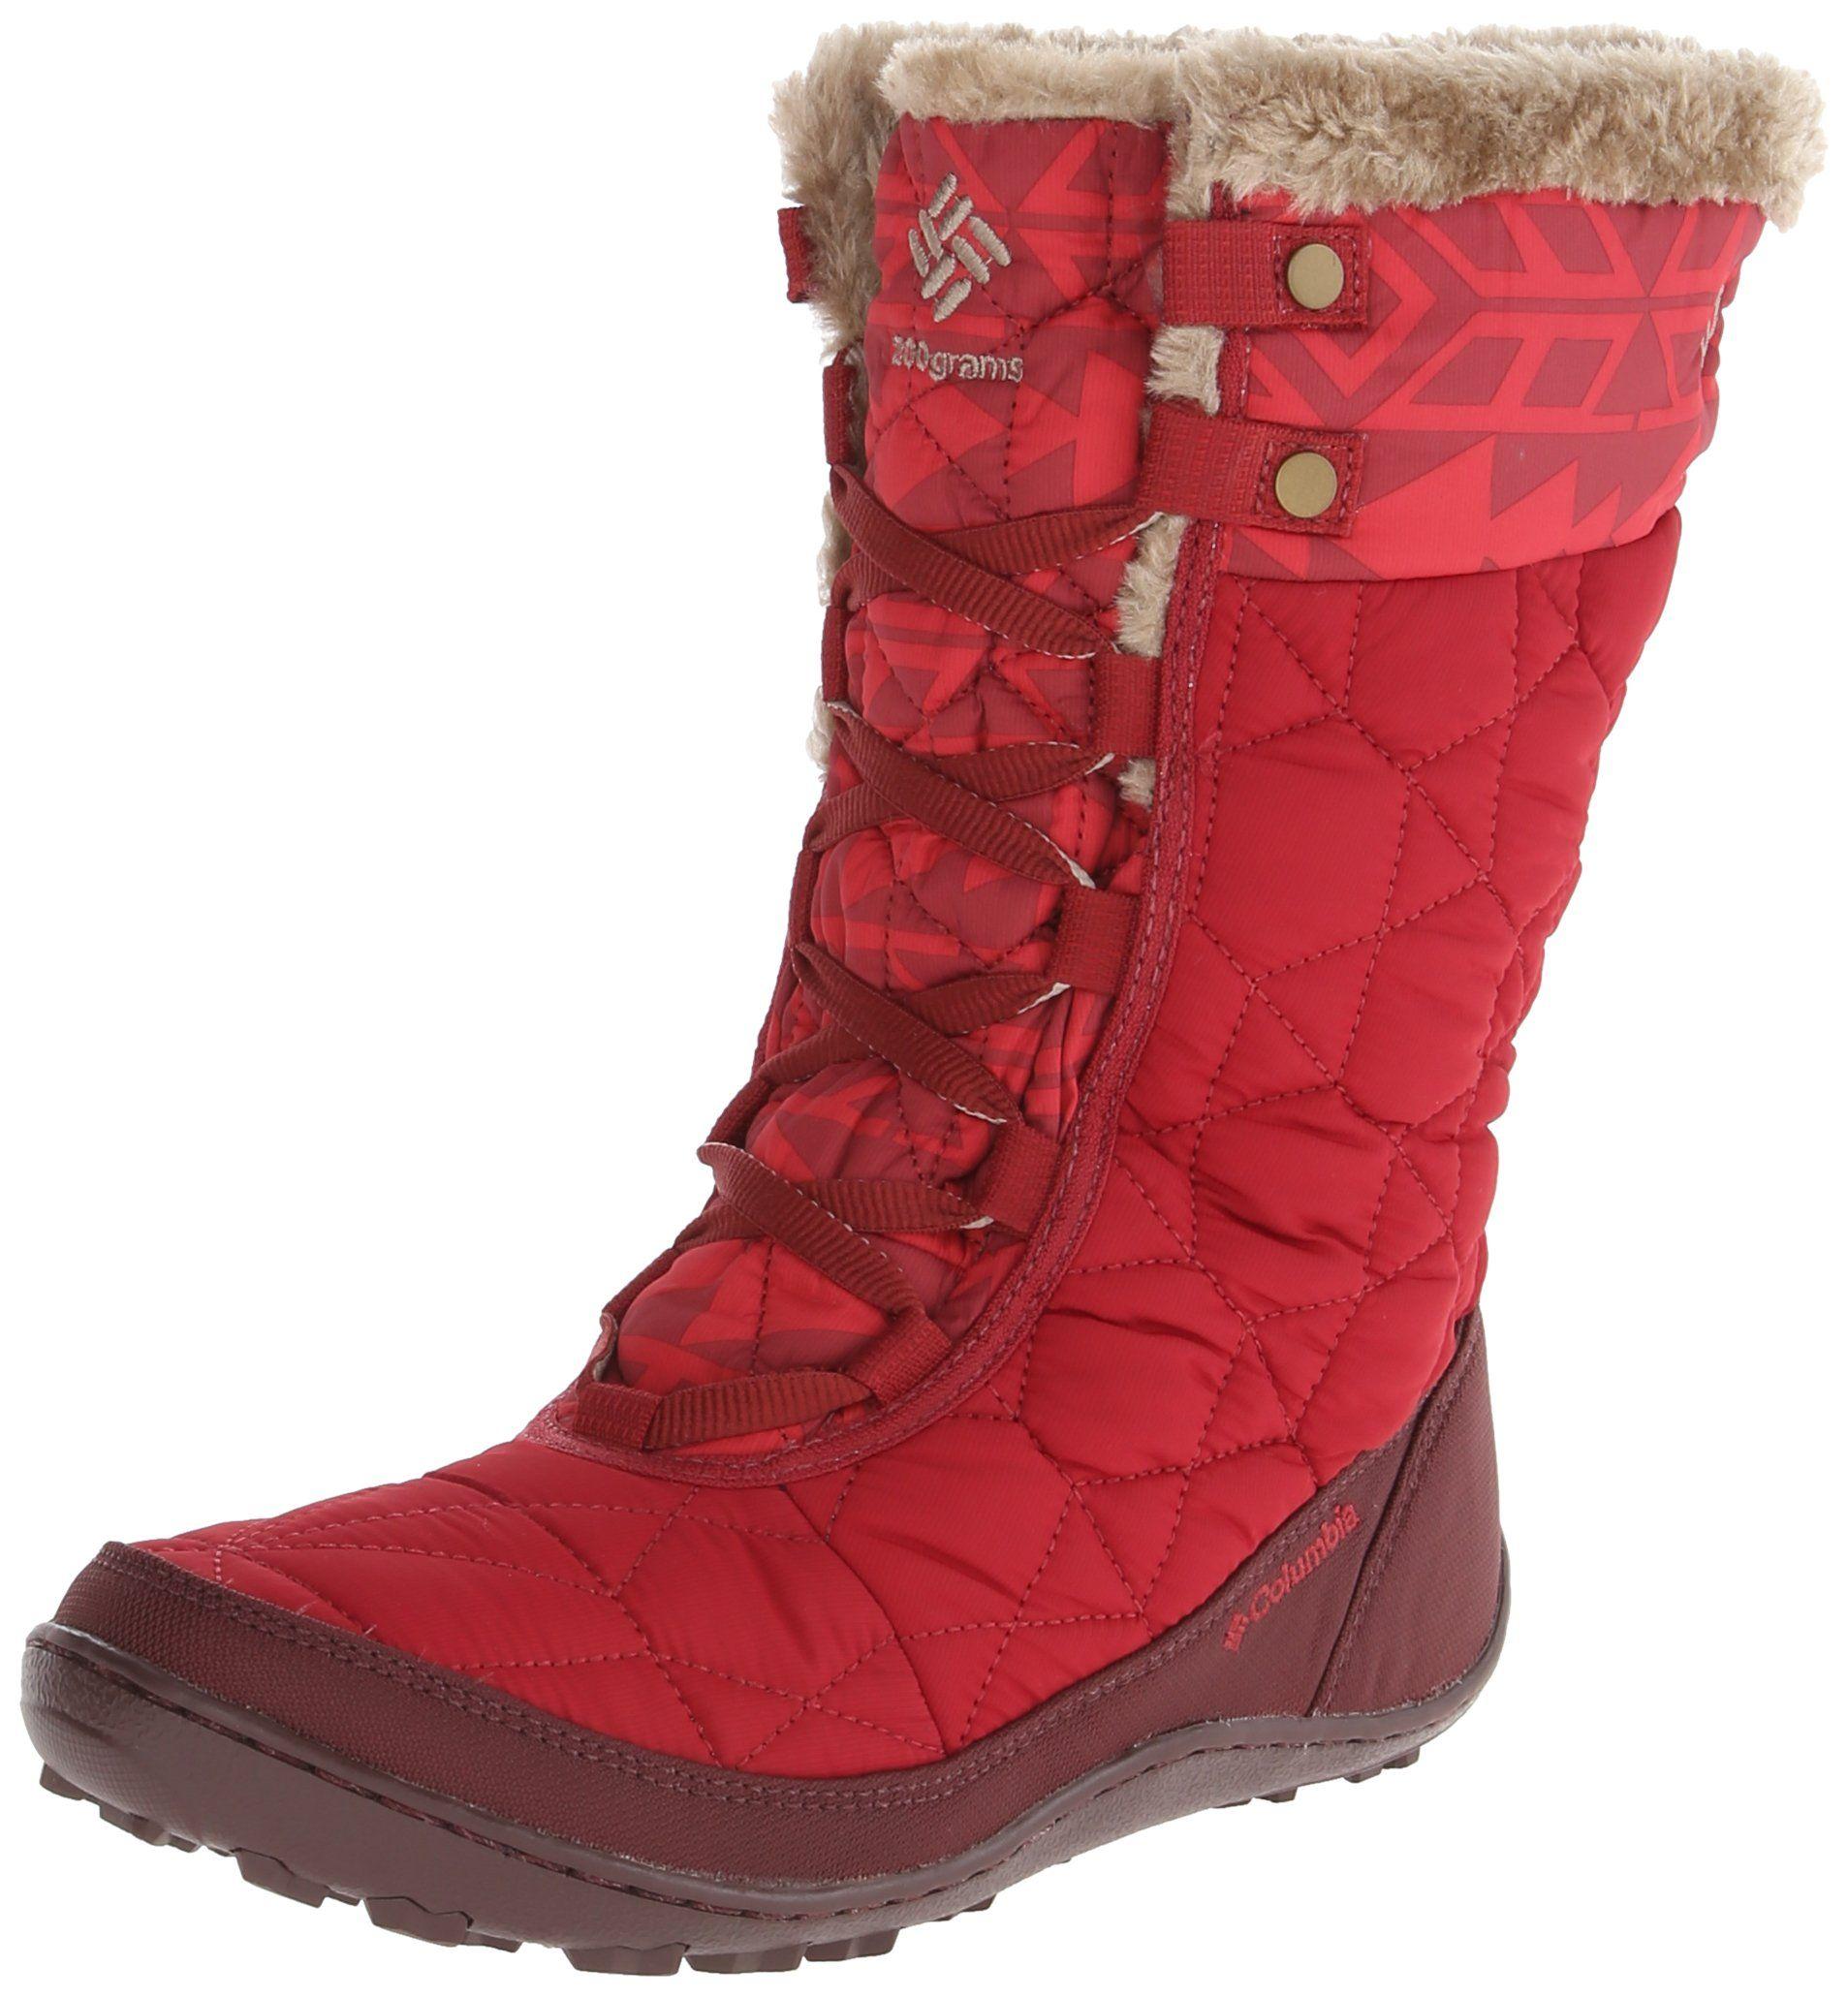 88489cd112 Columbia Women s Minx Mid II Omni-Heat Print - Botas de nieve de sintético  mujer  Amazon.es  Zapatos y complementos